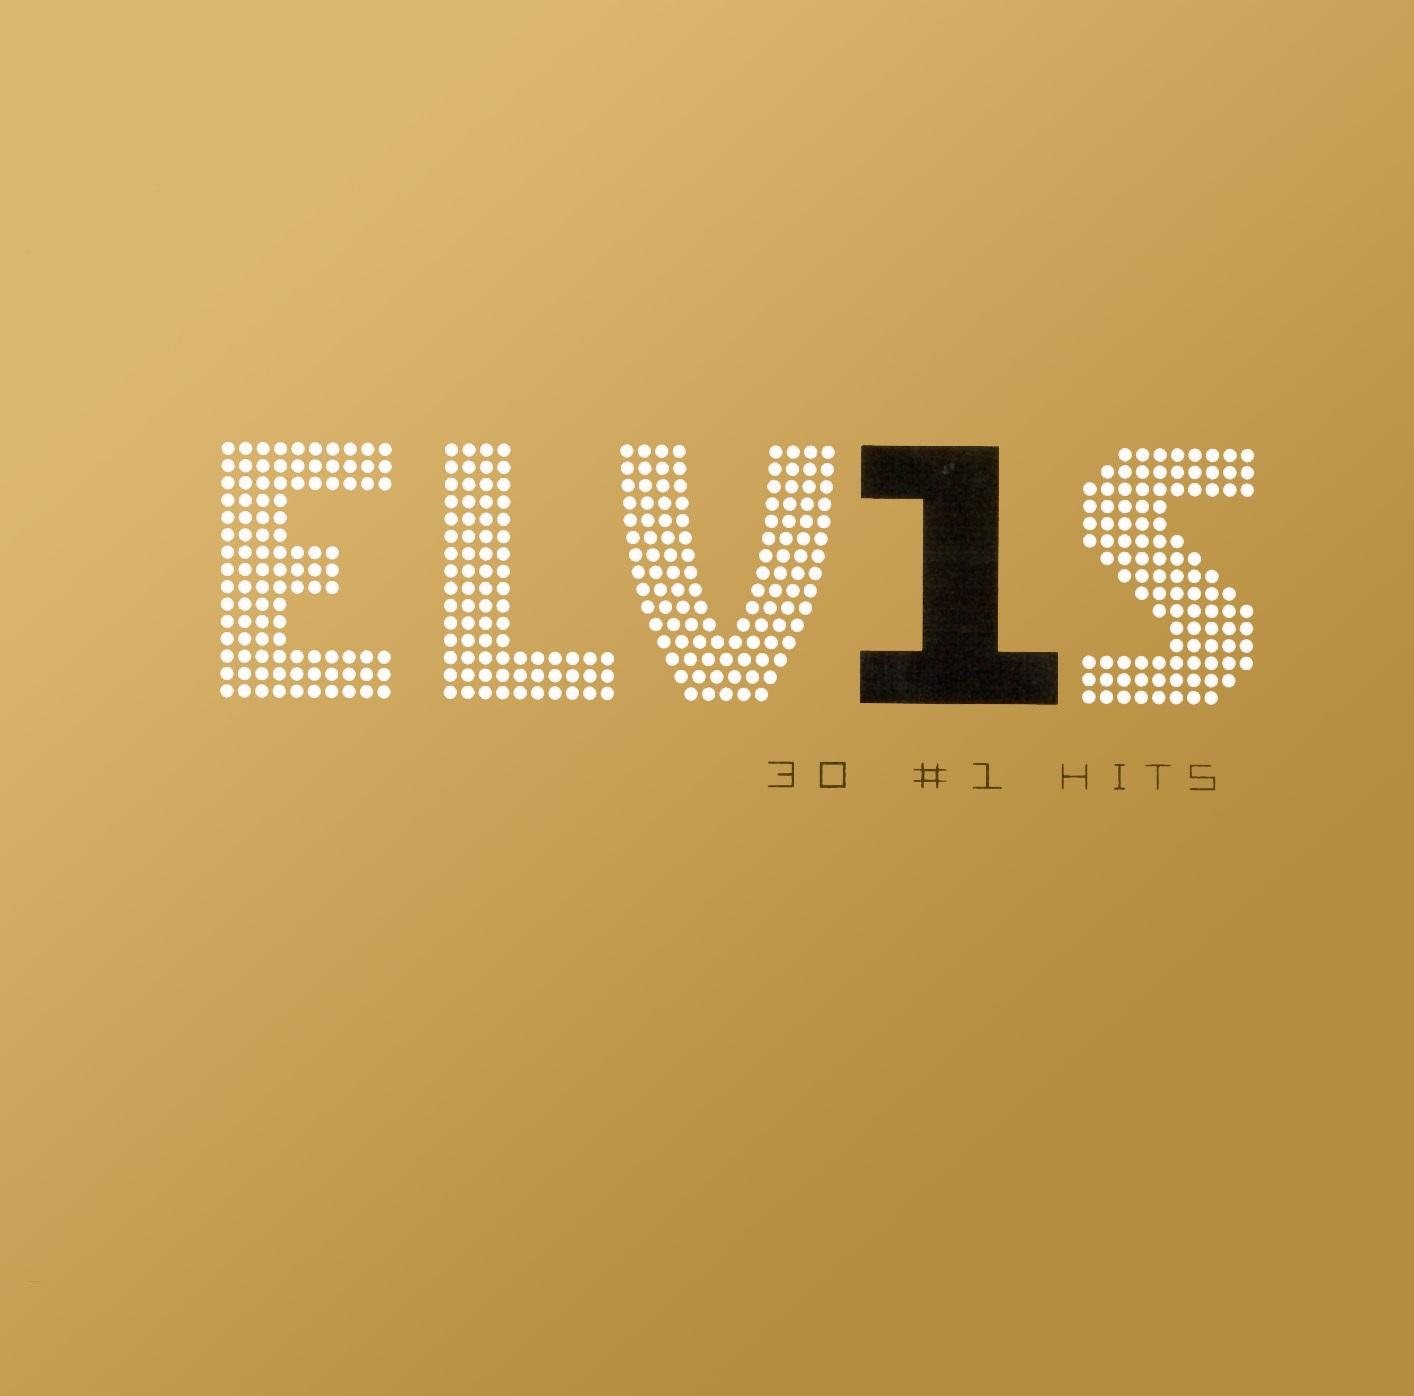 Elvis Presley. 30 #1 Hits